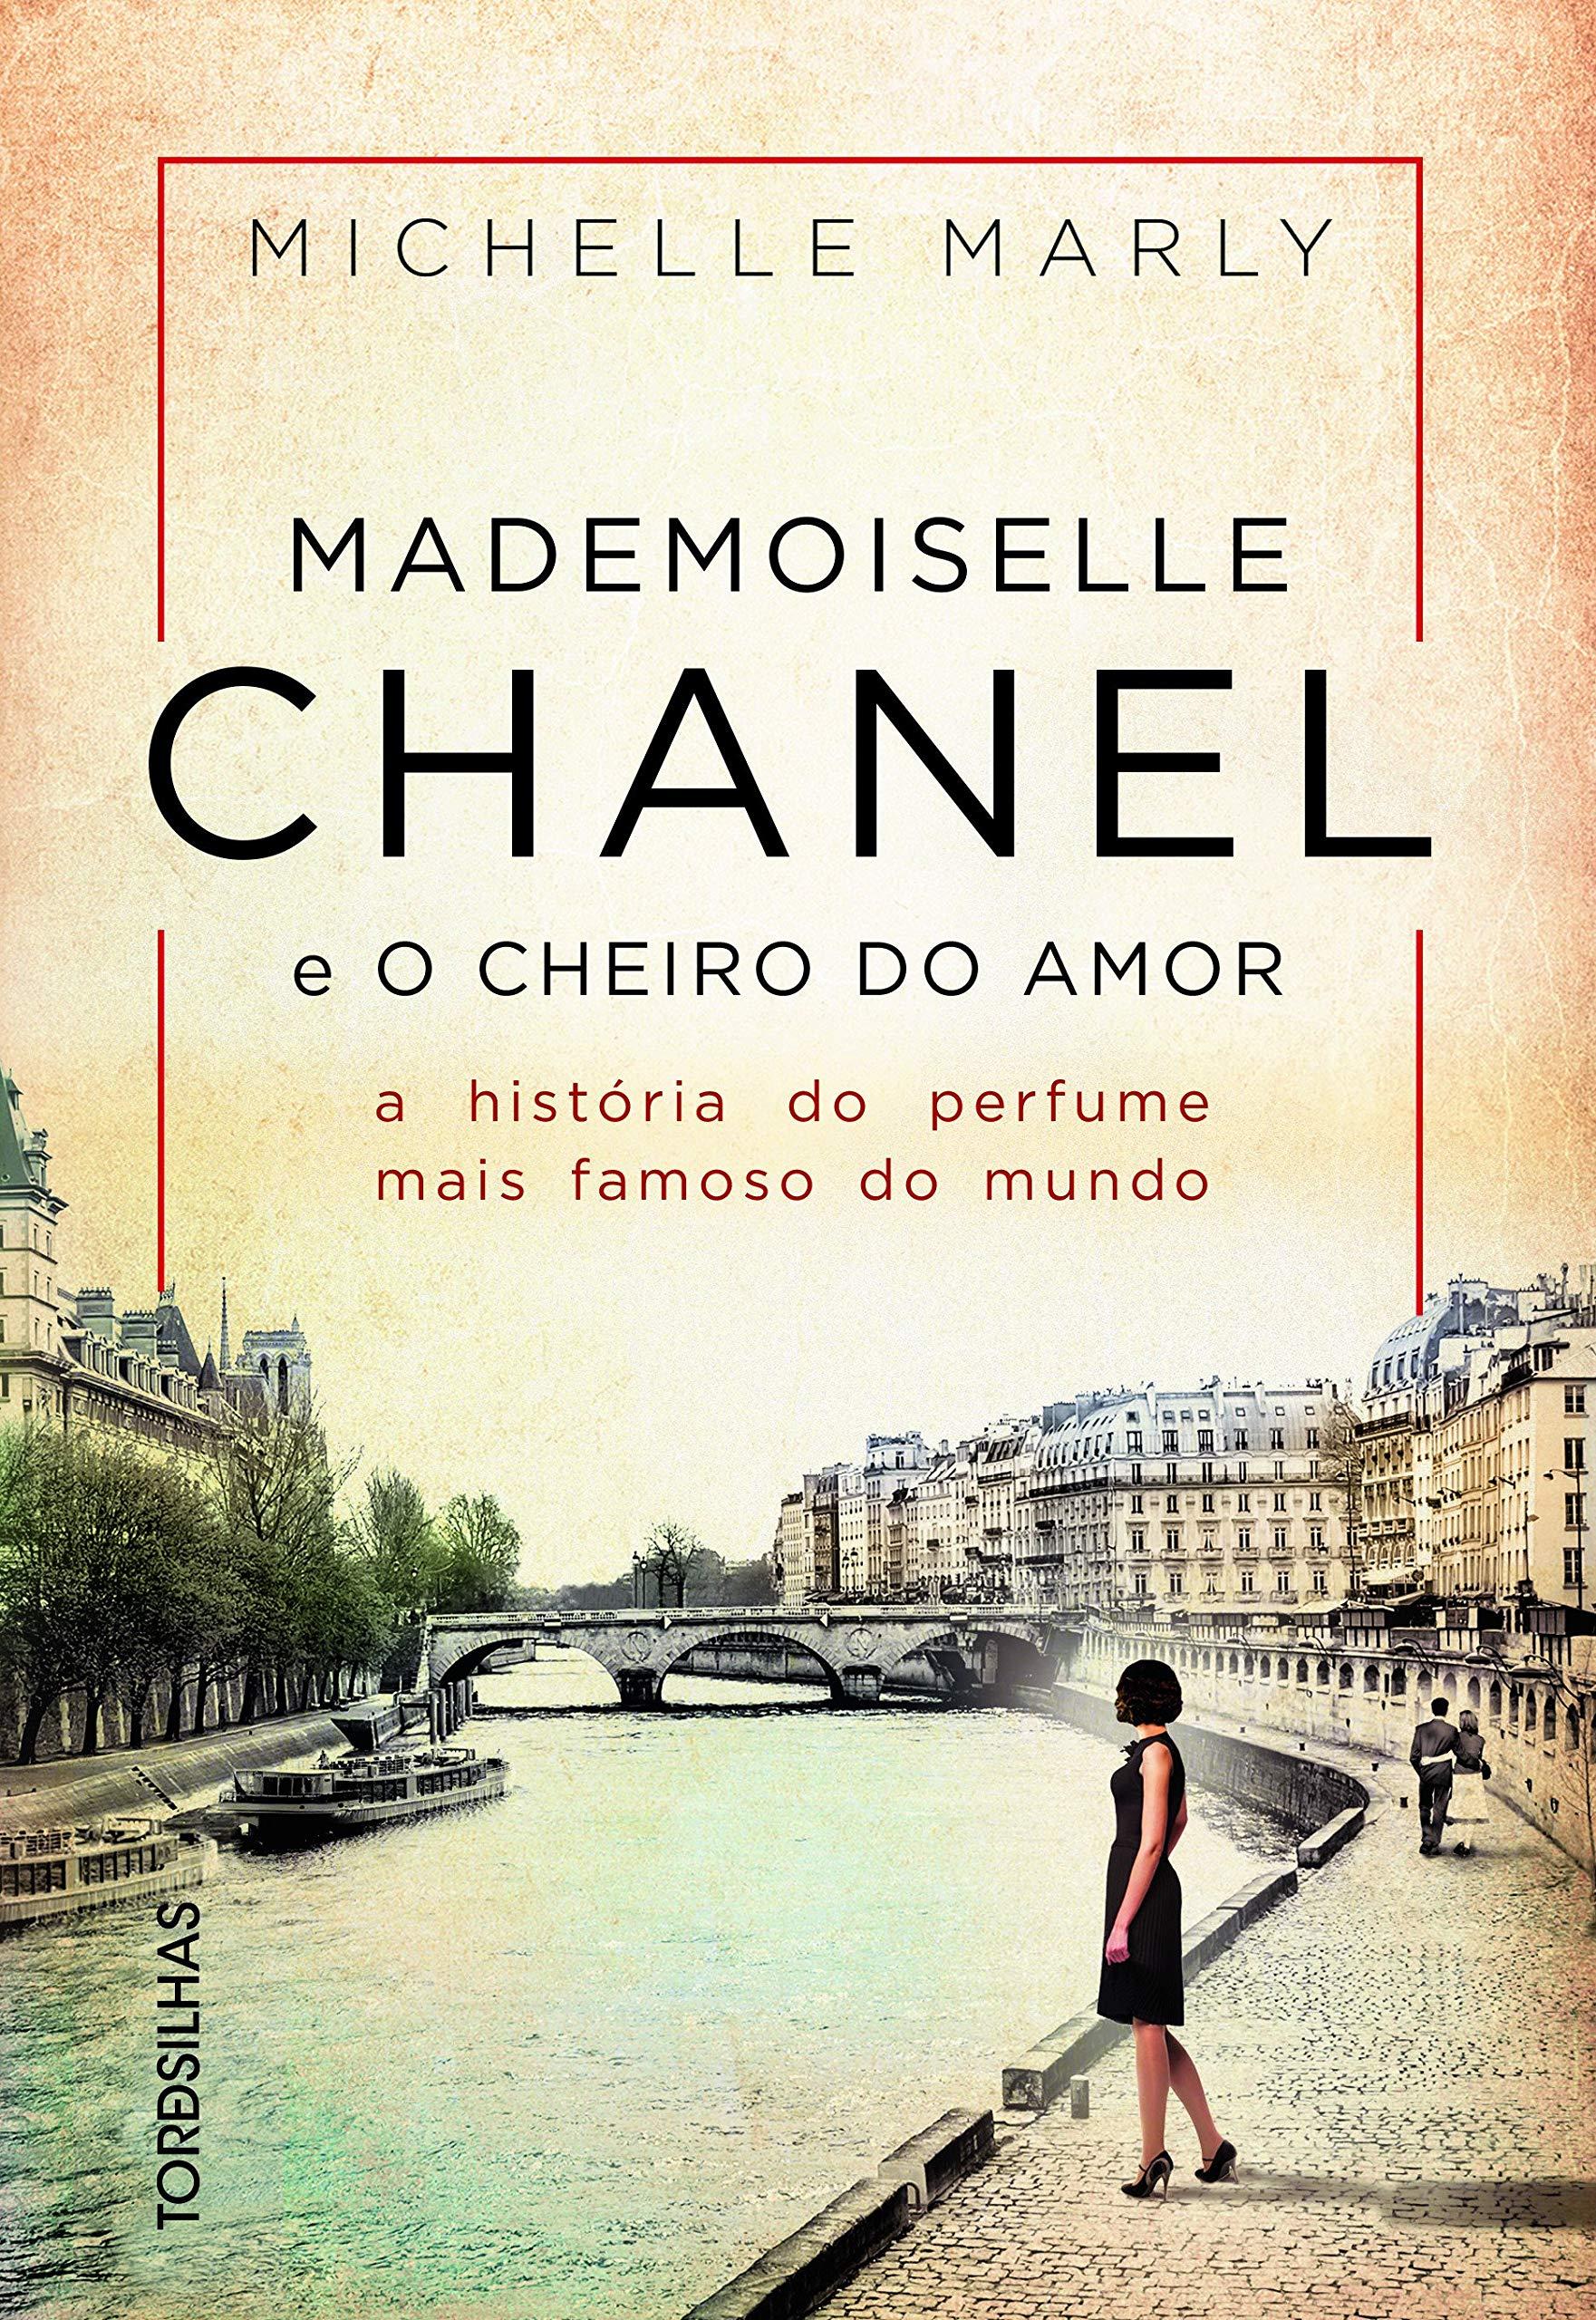 Mademoiselle Chanel e o cheiro do amor